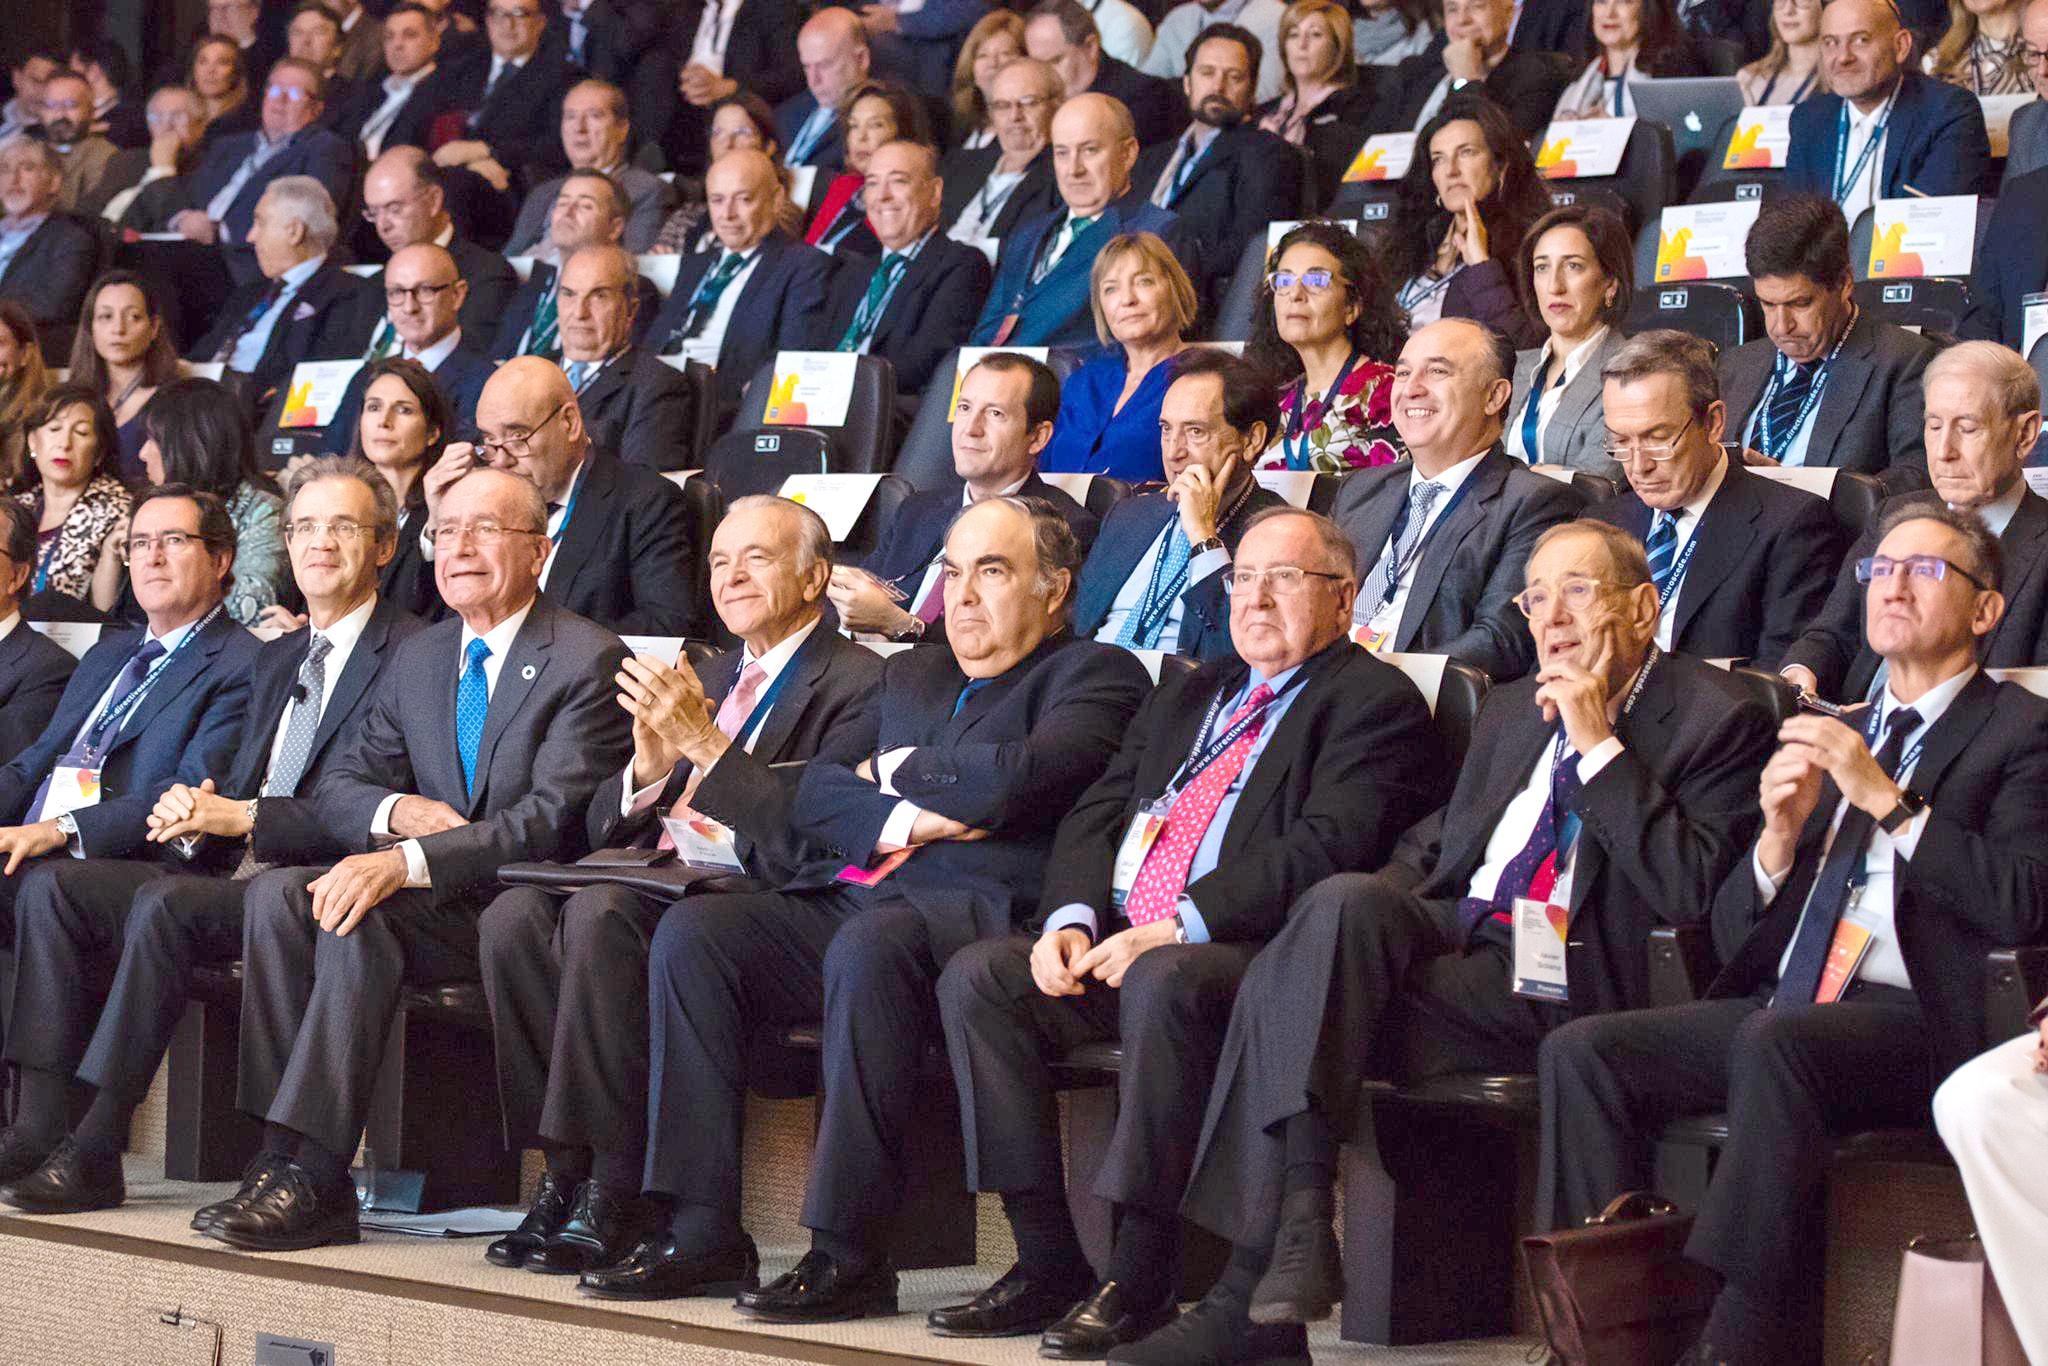 Presidente Camara Espana Participa Congreso Cede Malaga